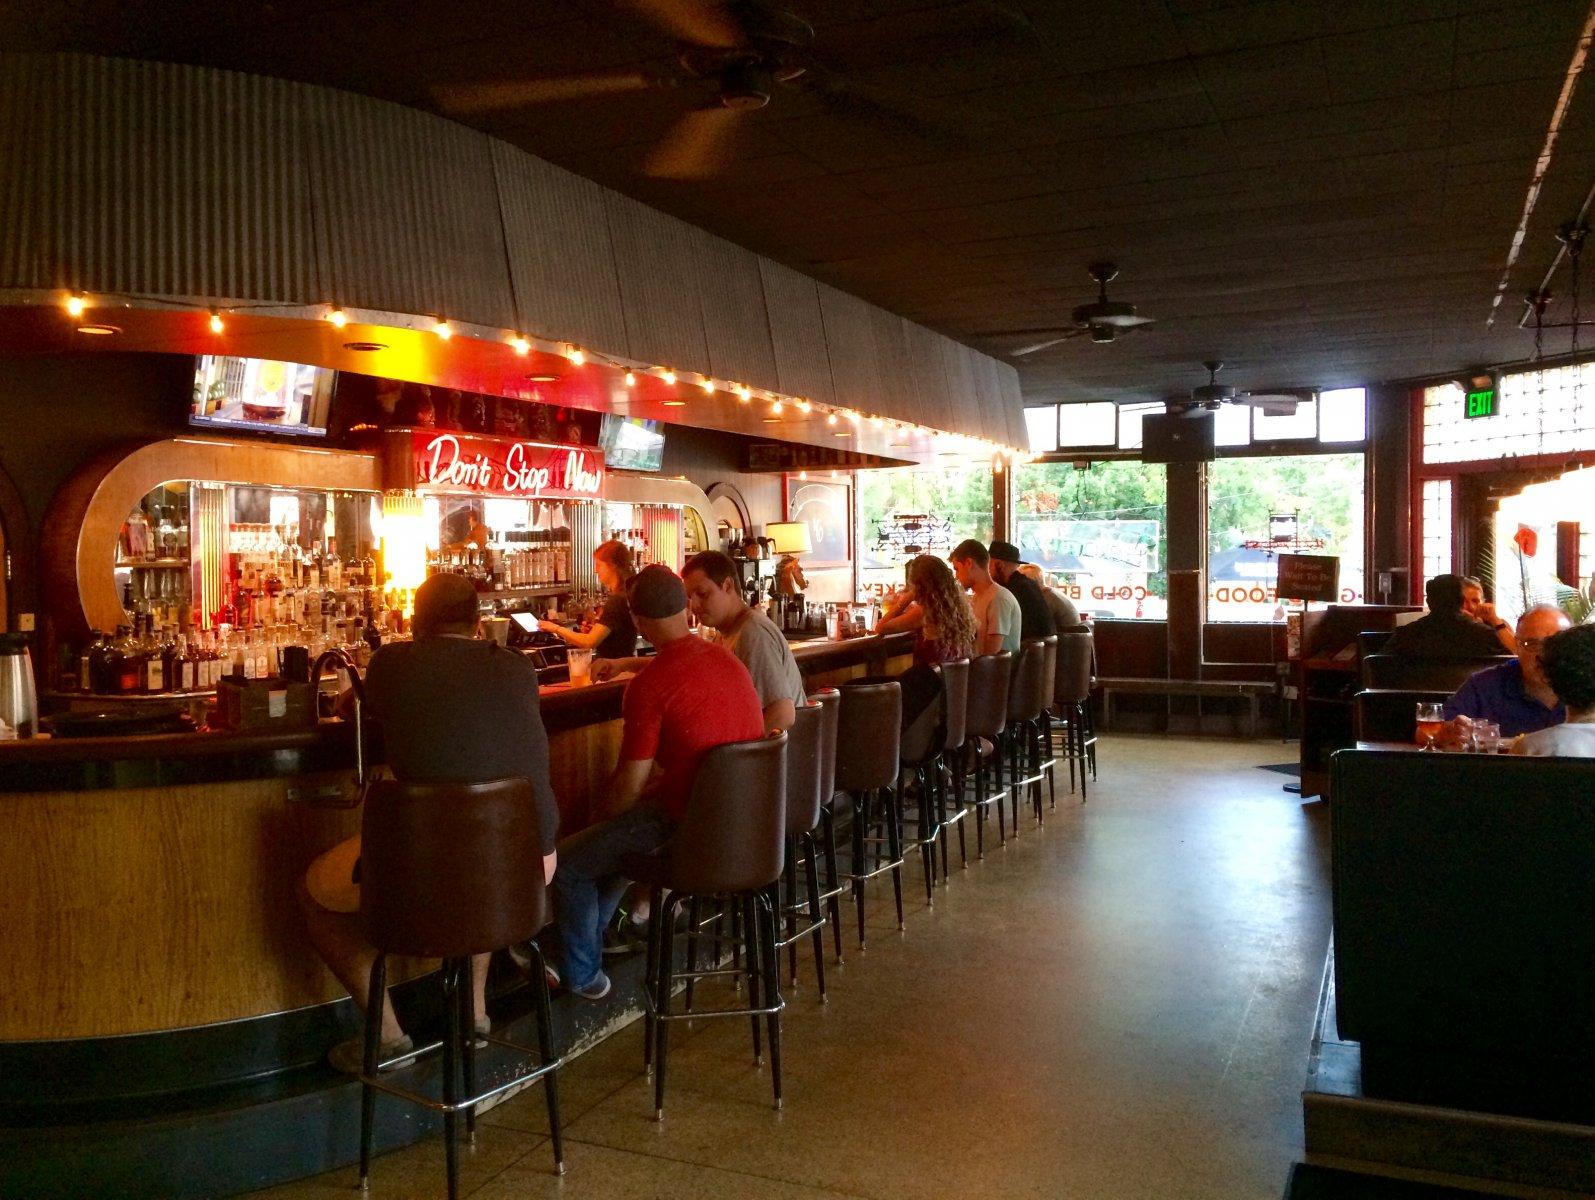 The bar at the Palomino